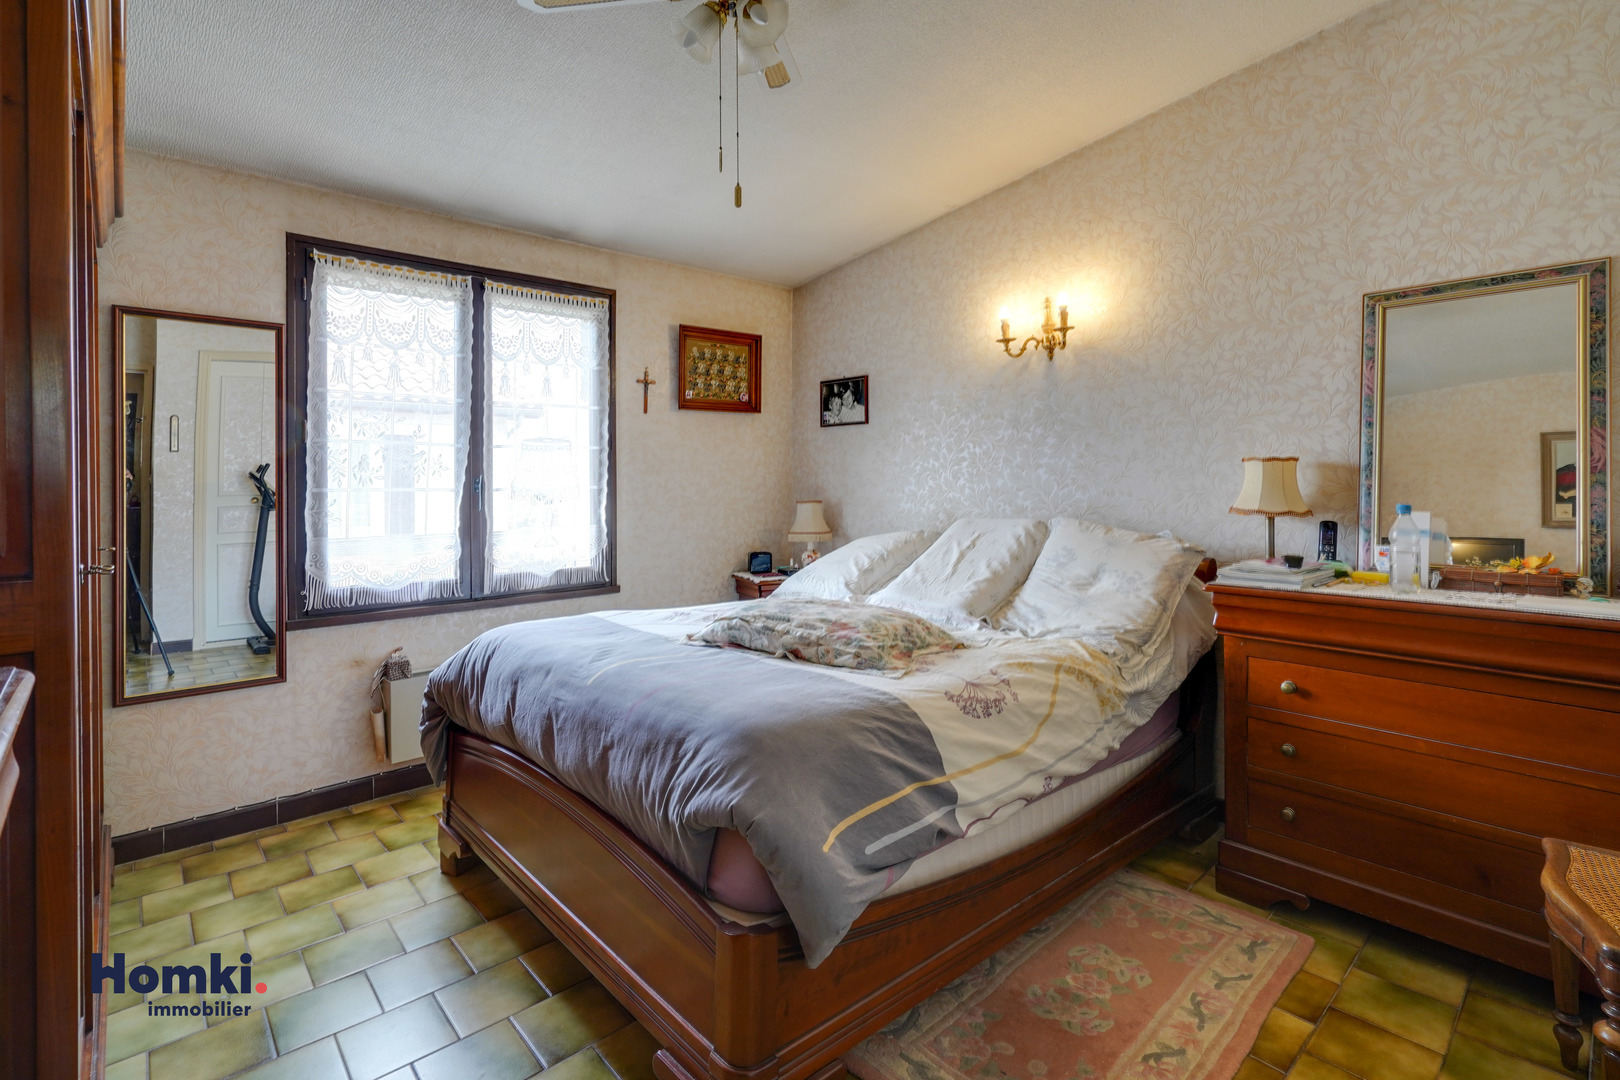 Vente Maison 110 m² T6 13011_5